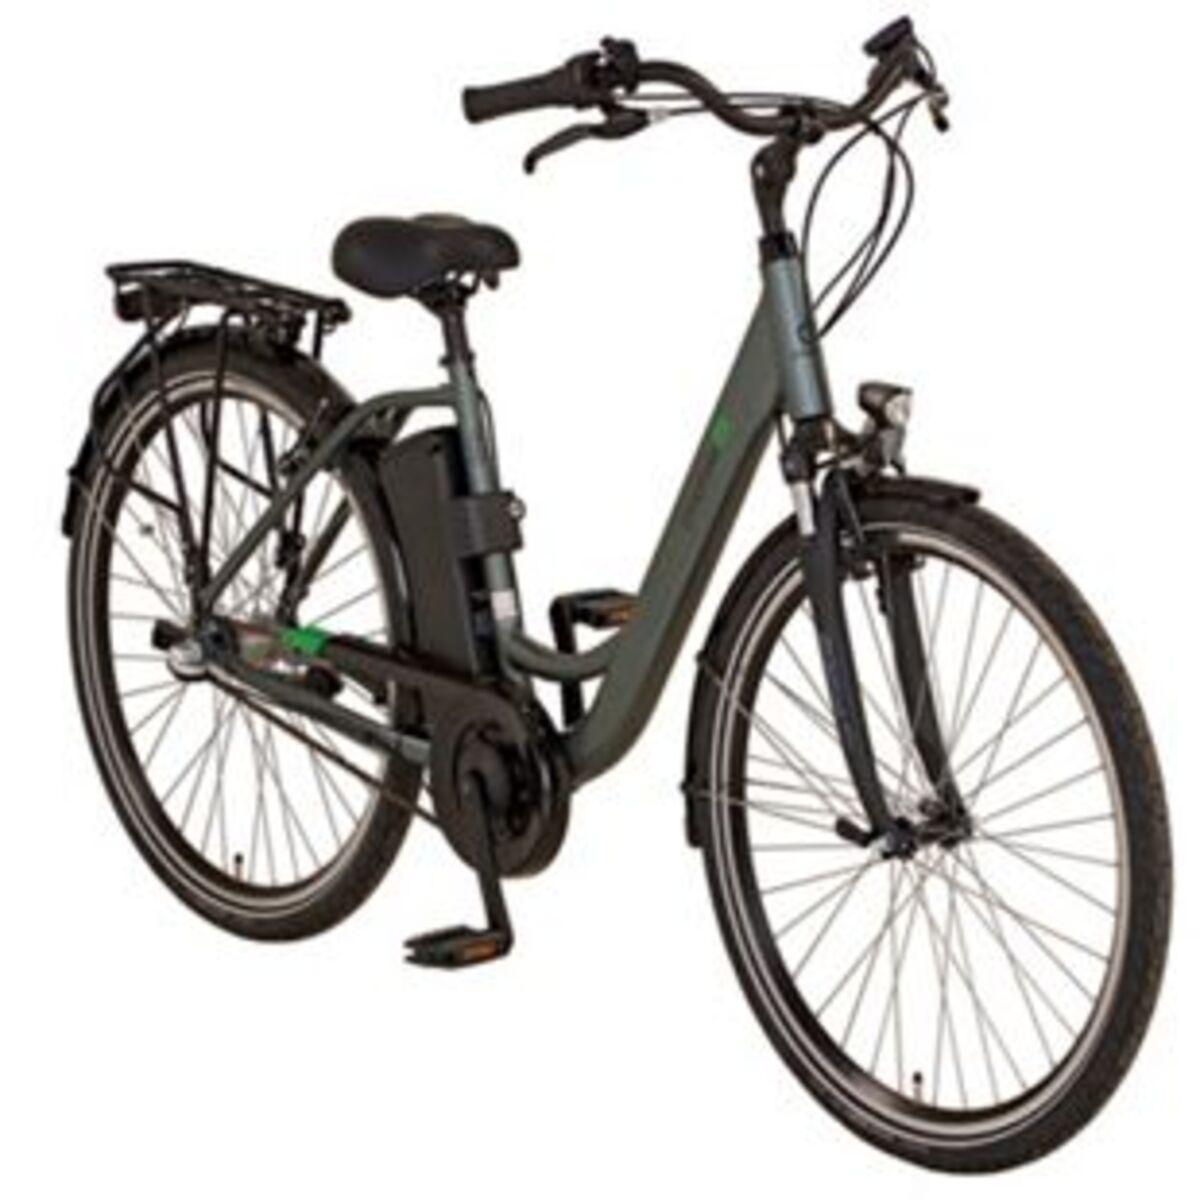 """Bild 2 von PROPHETE GENIESSER 20.EMC.20 28"""" City E-Bike"""